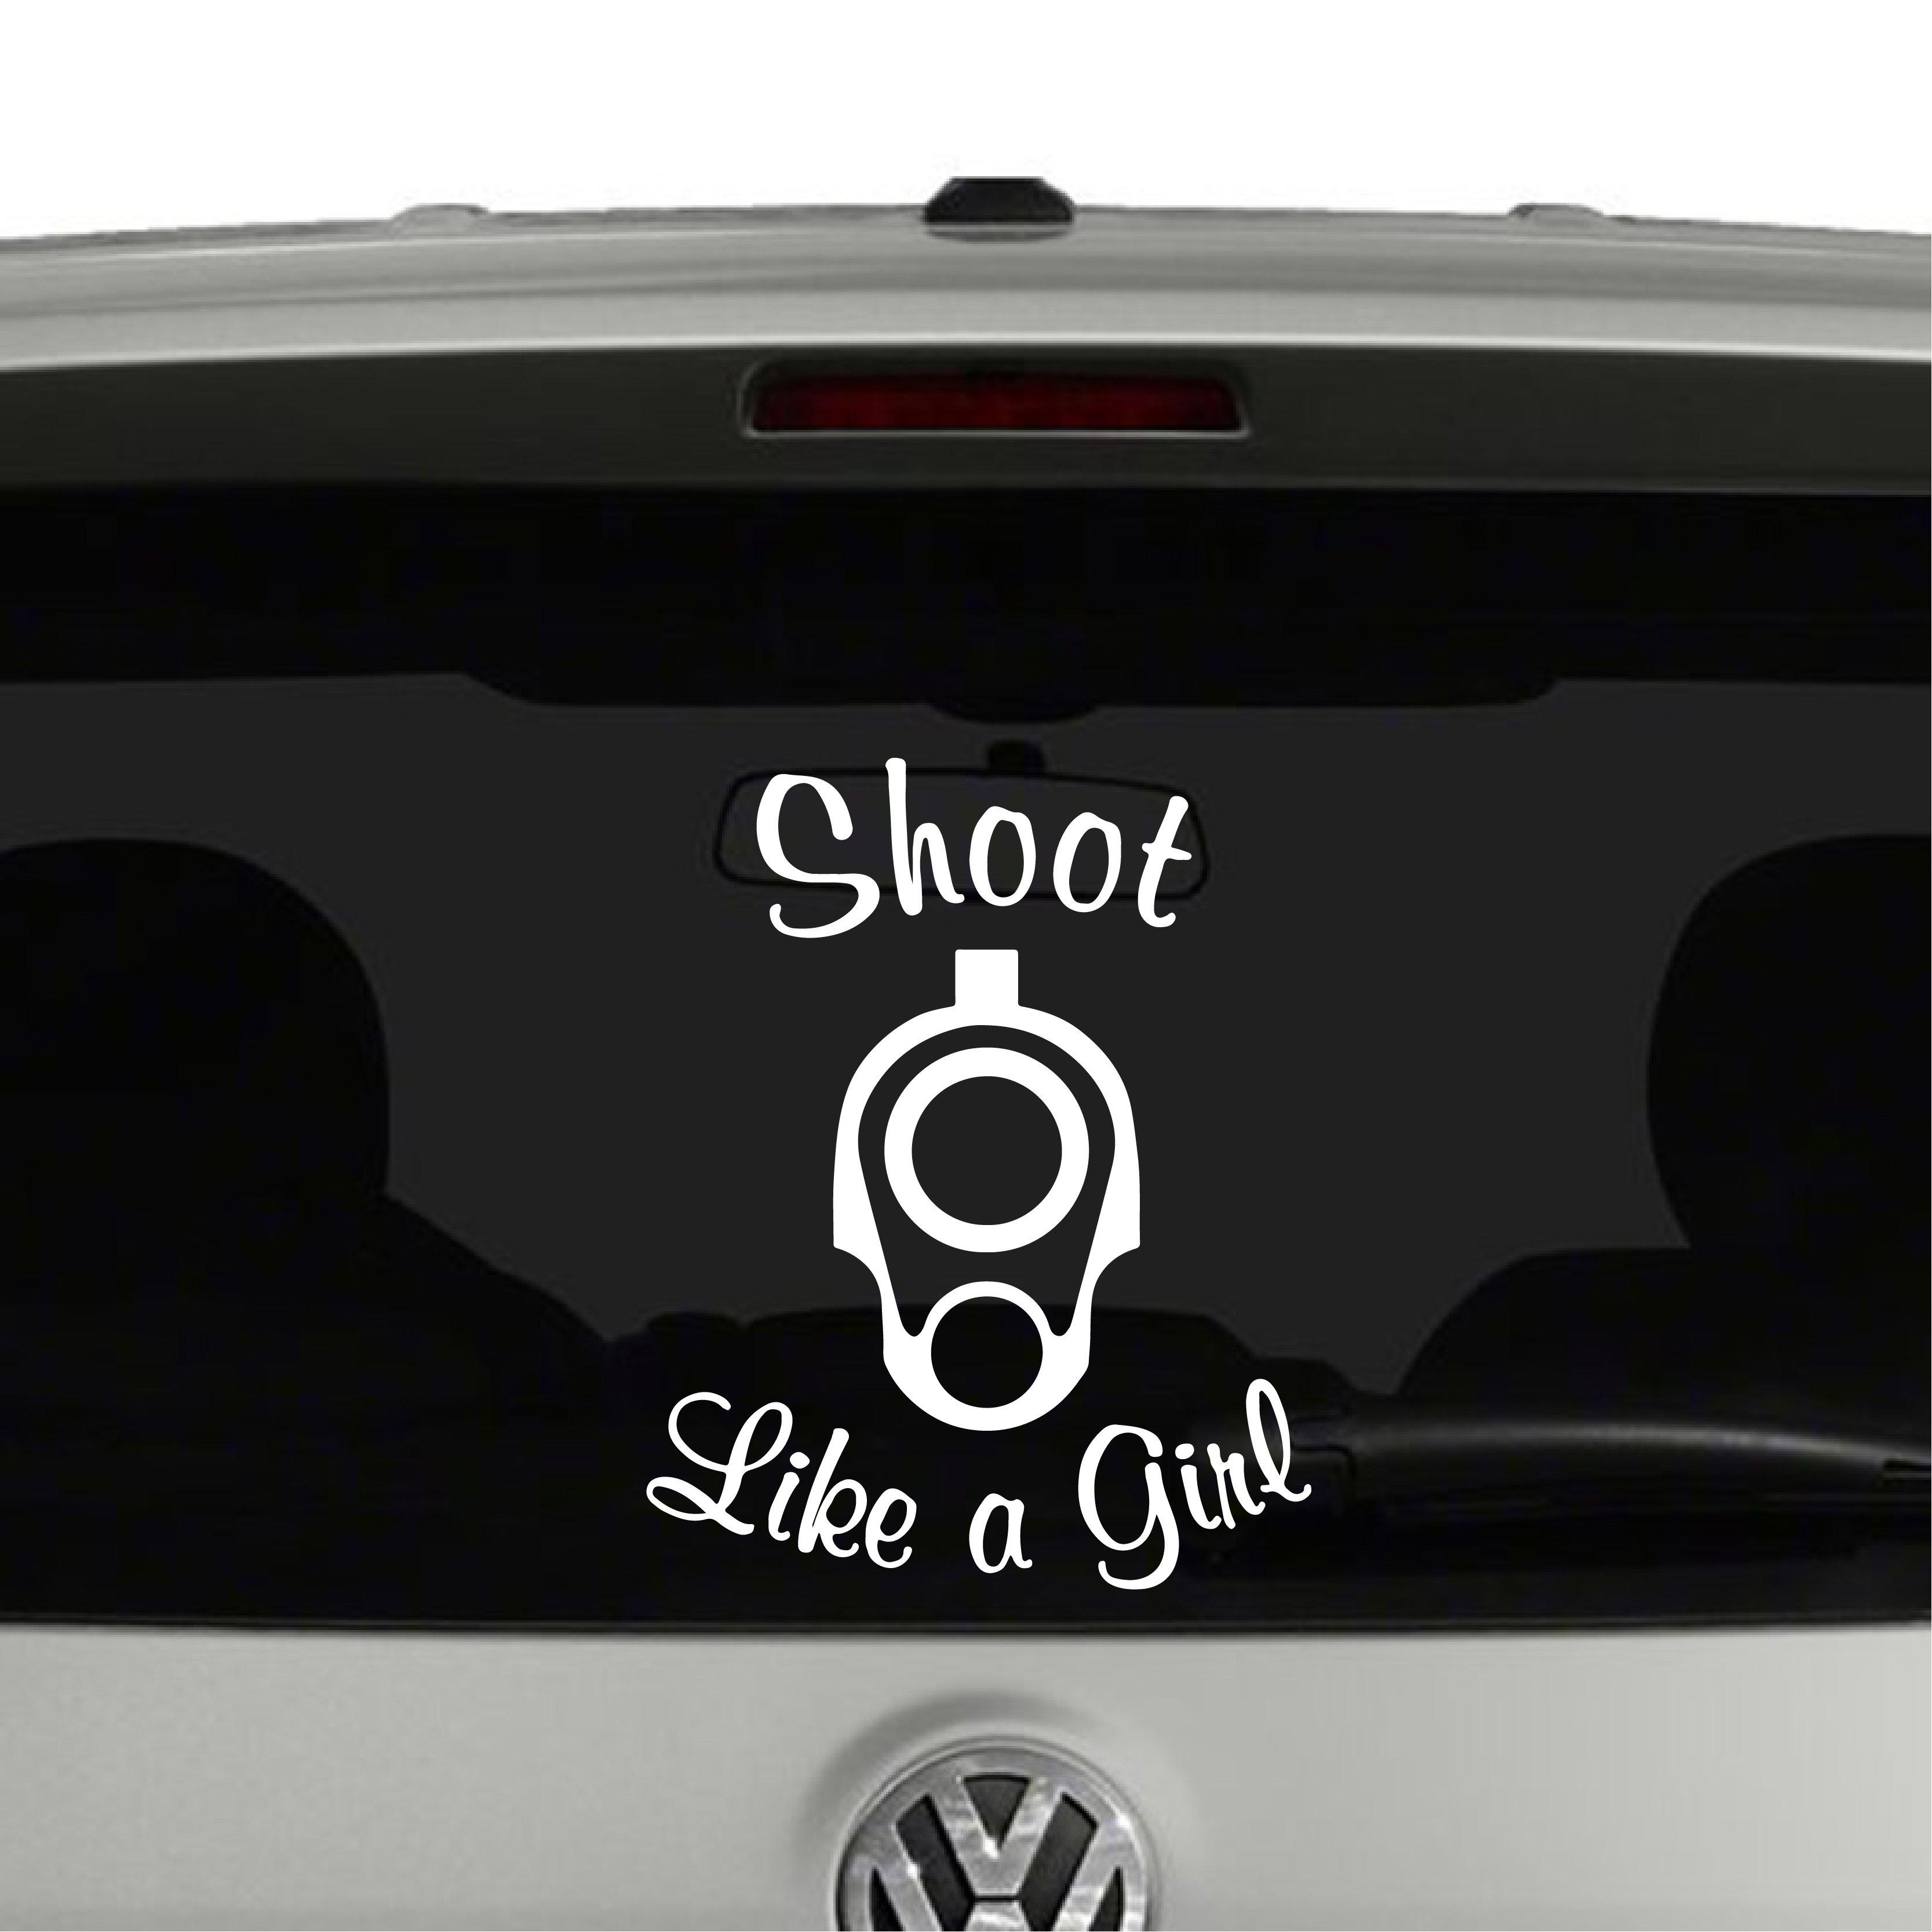 Shoot Like A Girl 2nd Amendment Vinyl Decal Sticker